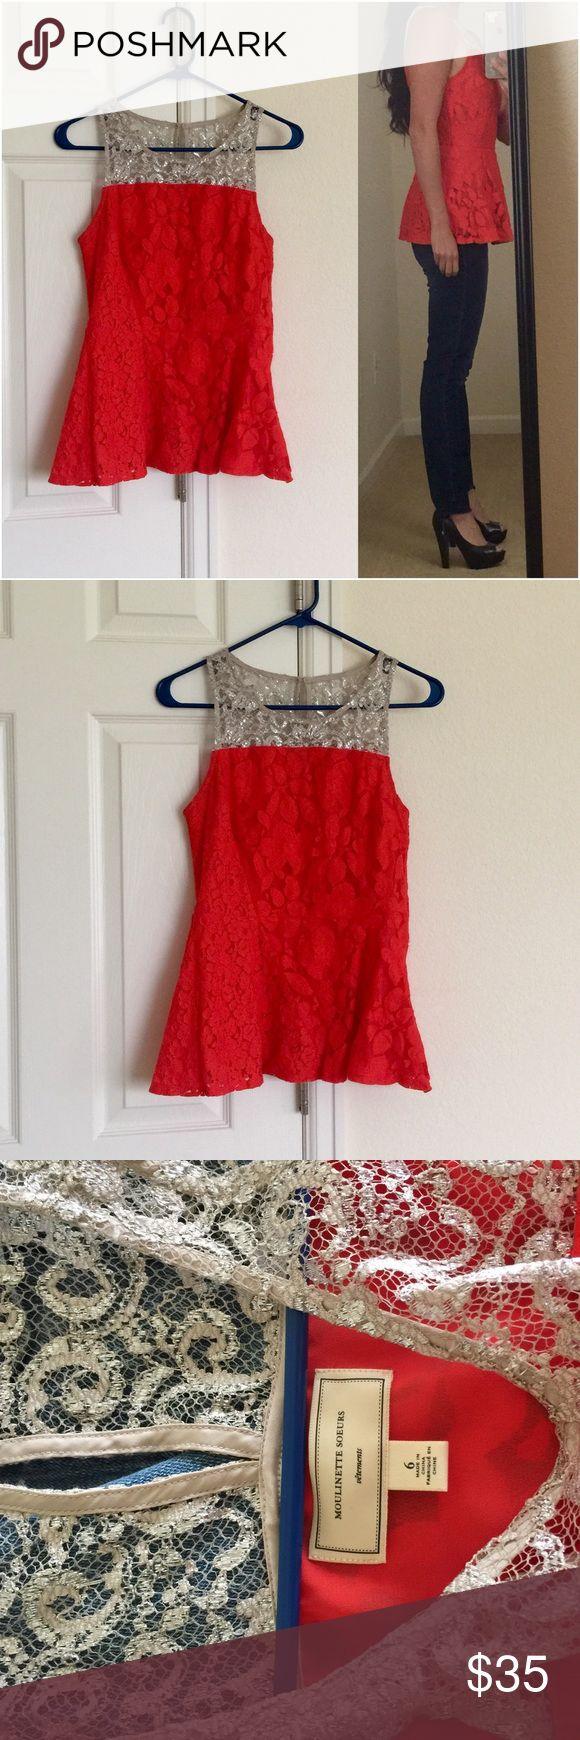 Moulinette Soeurs Peplum Top Red Peplum Top. Side zip. Size 6 Anthropologie Tops